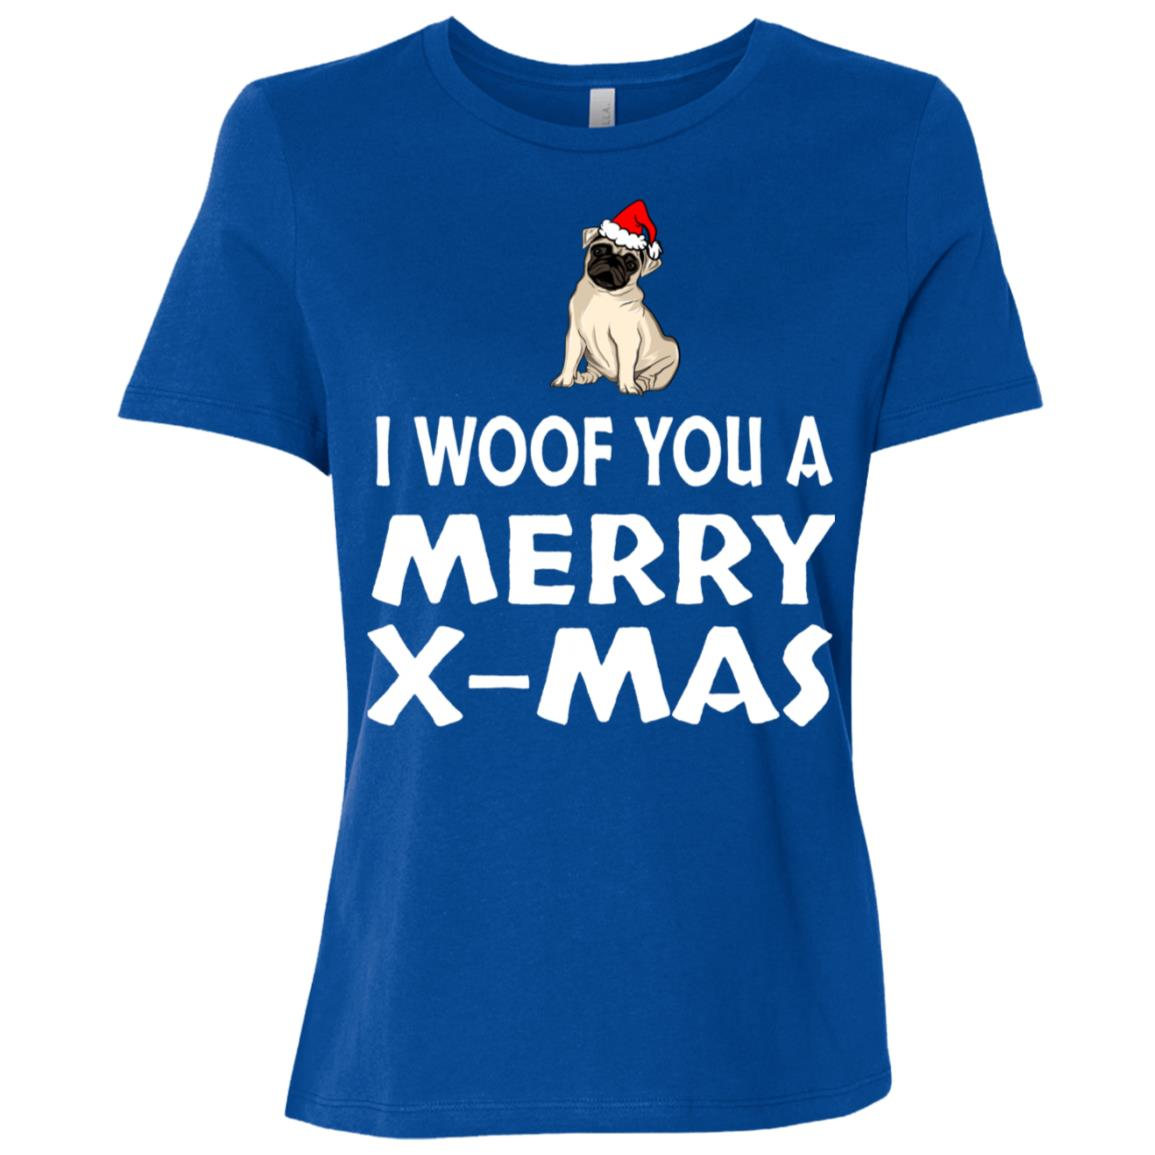 I Woof You A Merry X-mas Women Short Sleeve T-Shirt